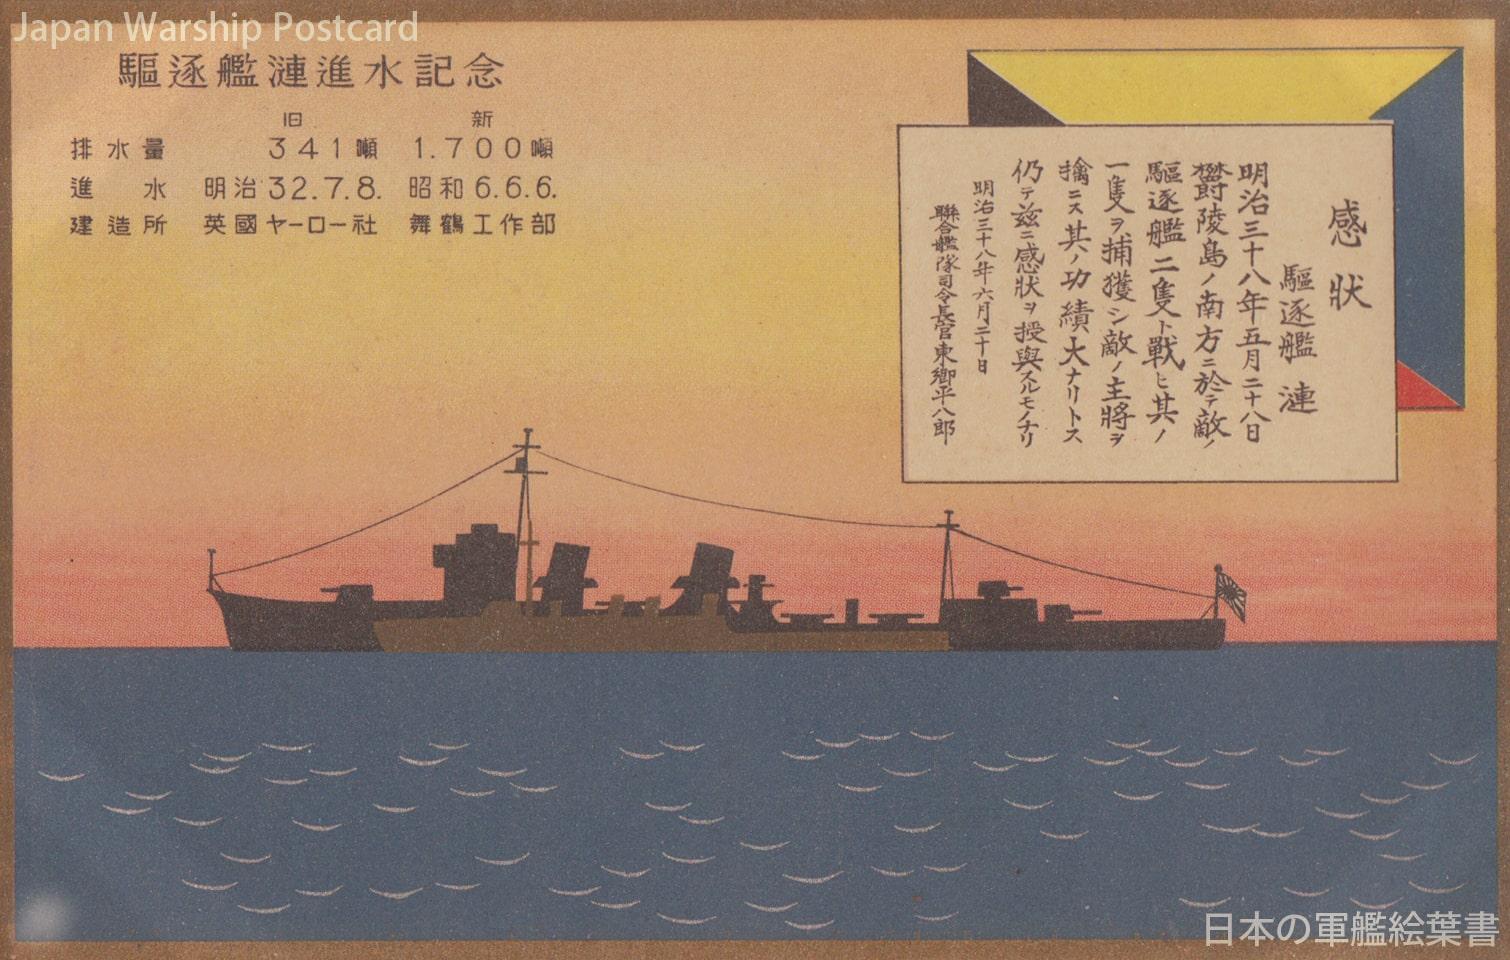 吹雪型駆逐艦「漣」